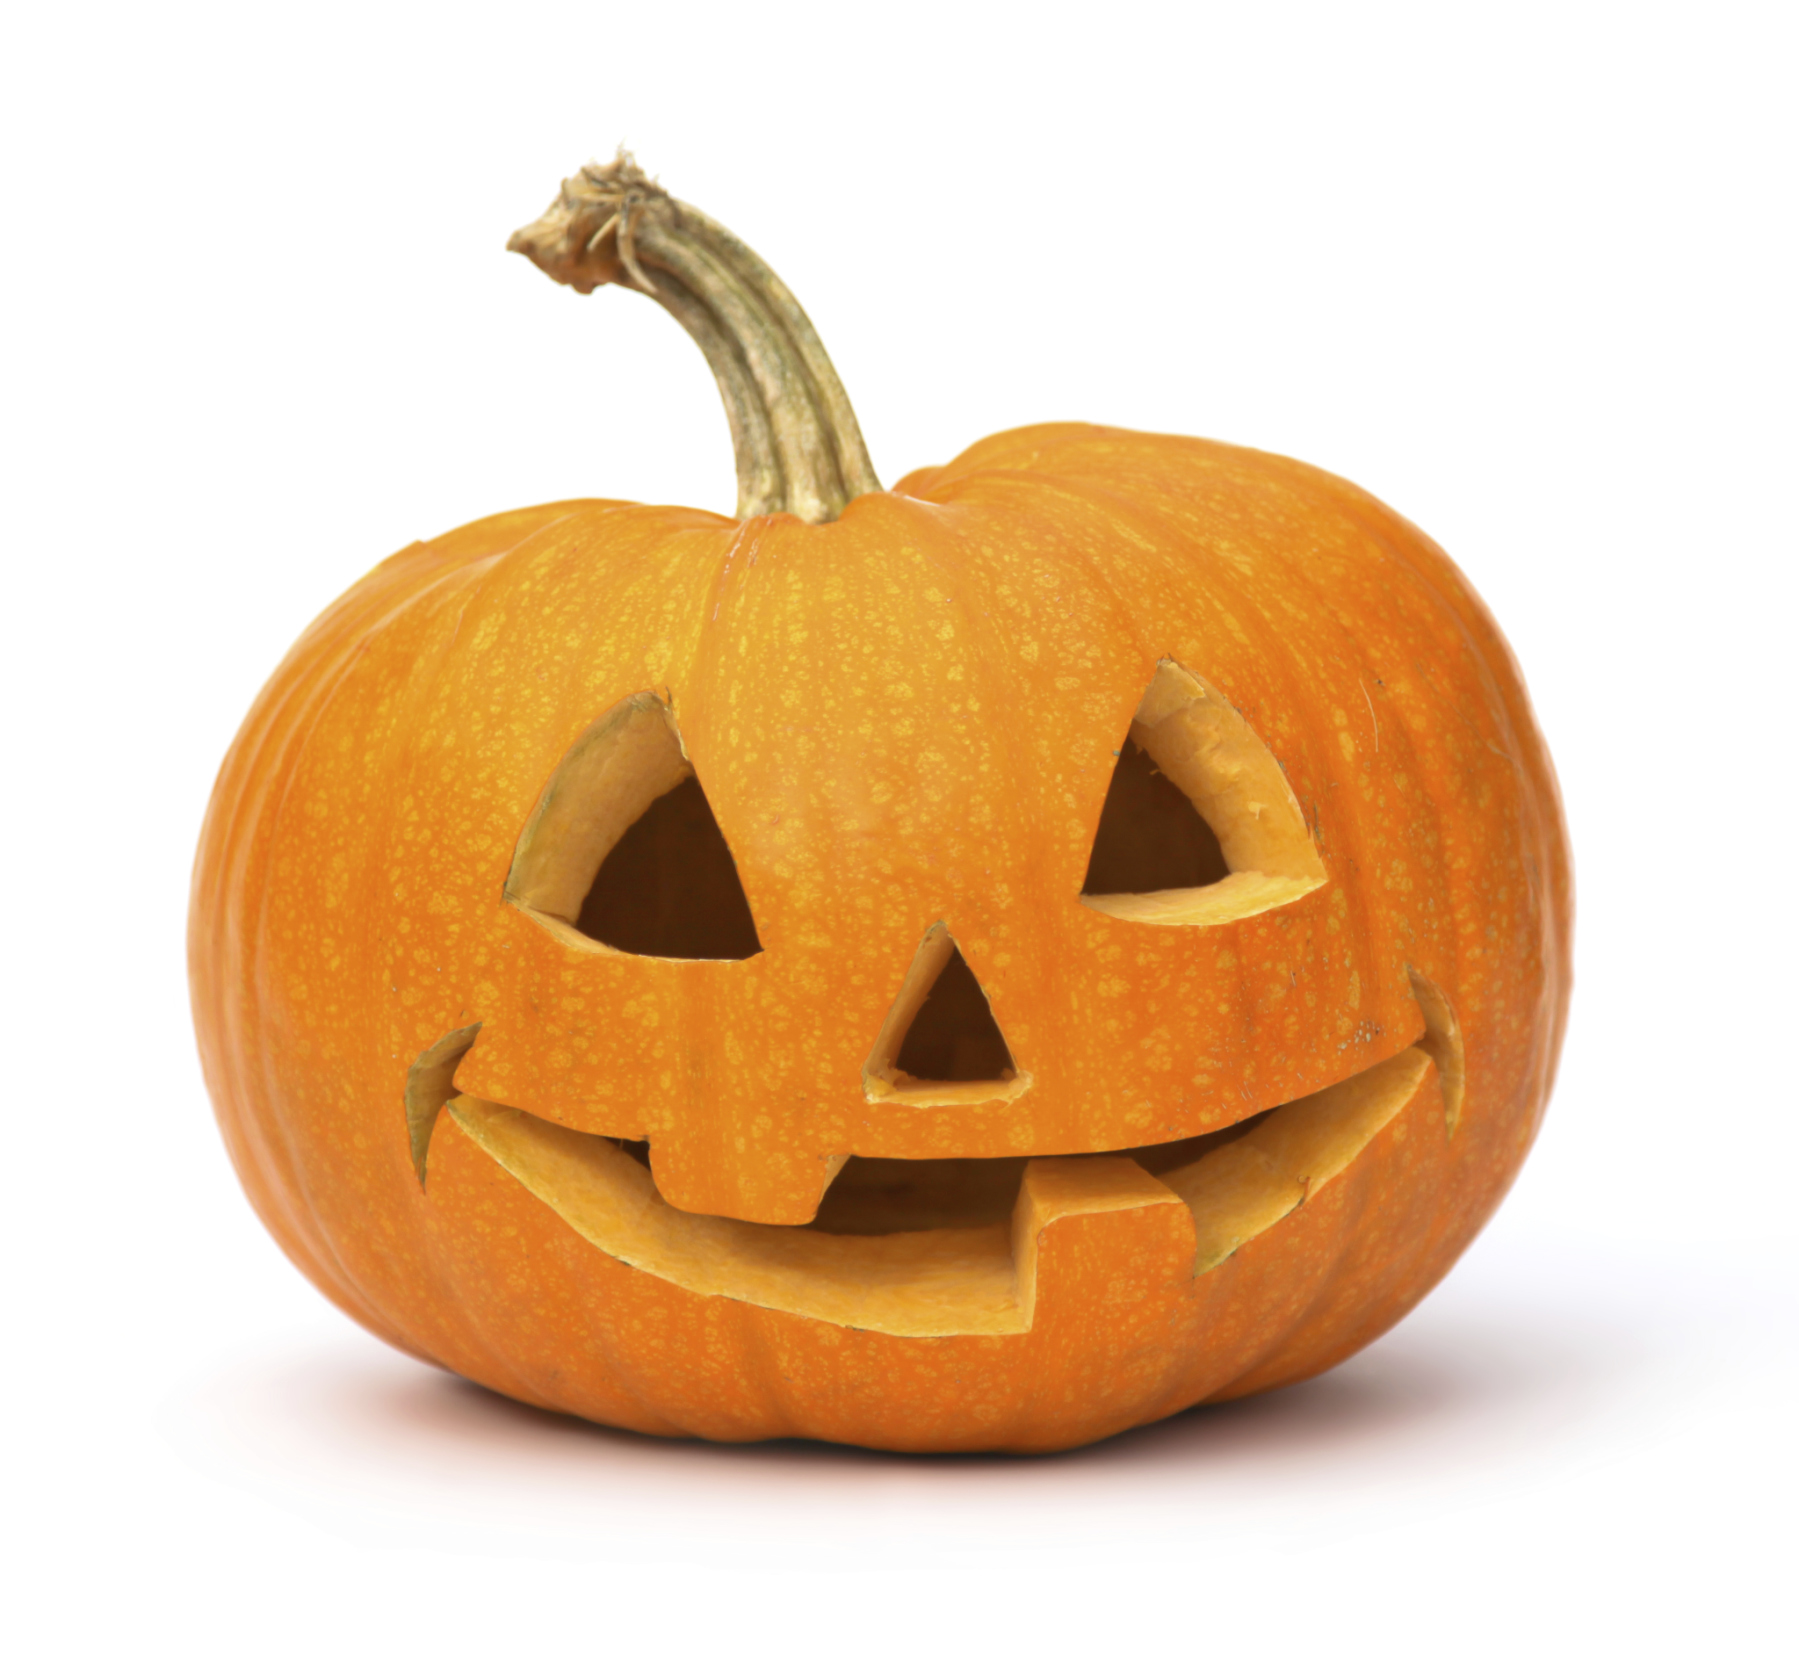 I consigli su come intagliare bene la zucca di halloween for Immagini zucca di halloween